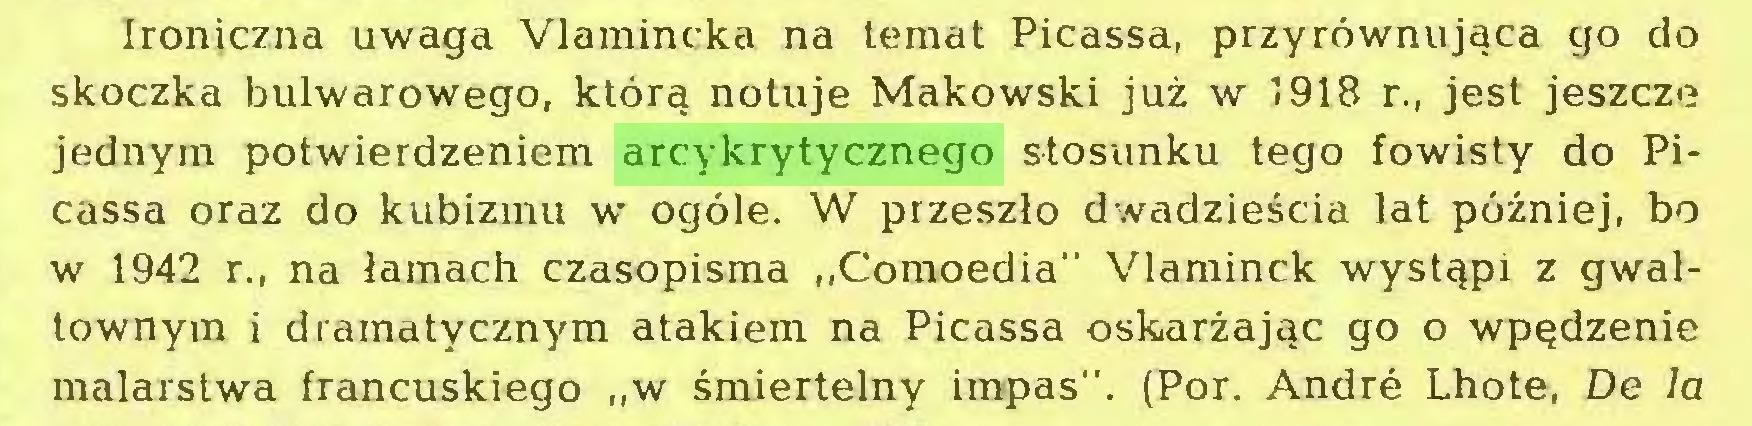 """(...) Ironiczna uwaga Vlamincka na temat Picassa, przyrównująca go do skoczka bulwarowego, którą notuje Makowski już w 1918 r., jest jeszcze jednym potwierdzeniem arcykrytycznego stosunku tego fowisty do Picassa oraz do kubizmu w ogóle. W przeszło dwadzieścia lat później, bo w 1942 r., na łamach czasopisma """"Comoedia"""" Vlaminck wystąpi z gwałtownym i dramatycznym atakiem na Picassa oskarżając go o wpędzenie malarstwa francuskiego """"w śmiertelny impas"""". (Por. André Lhote, De la..."""